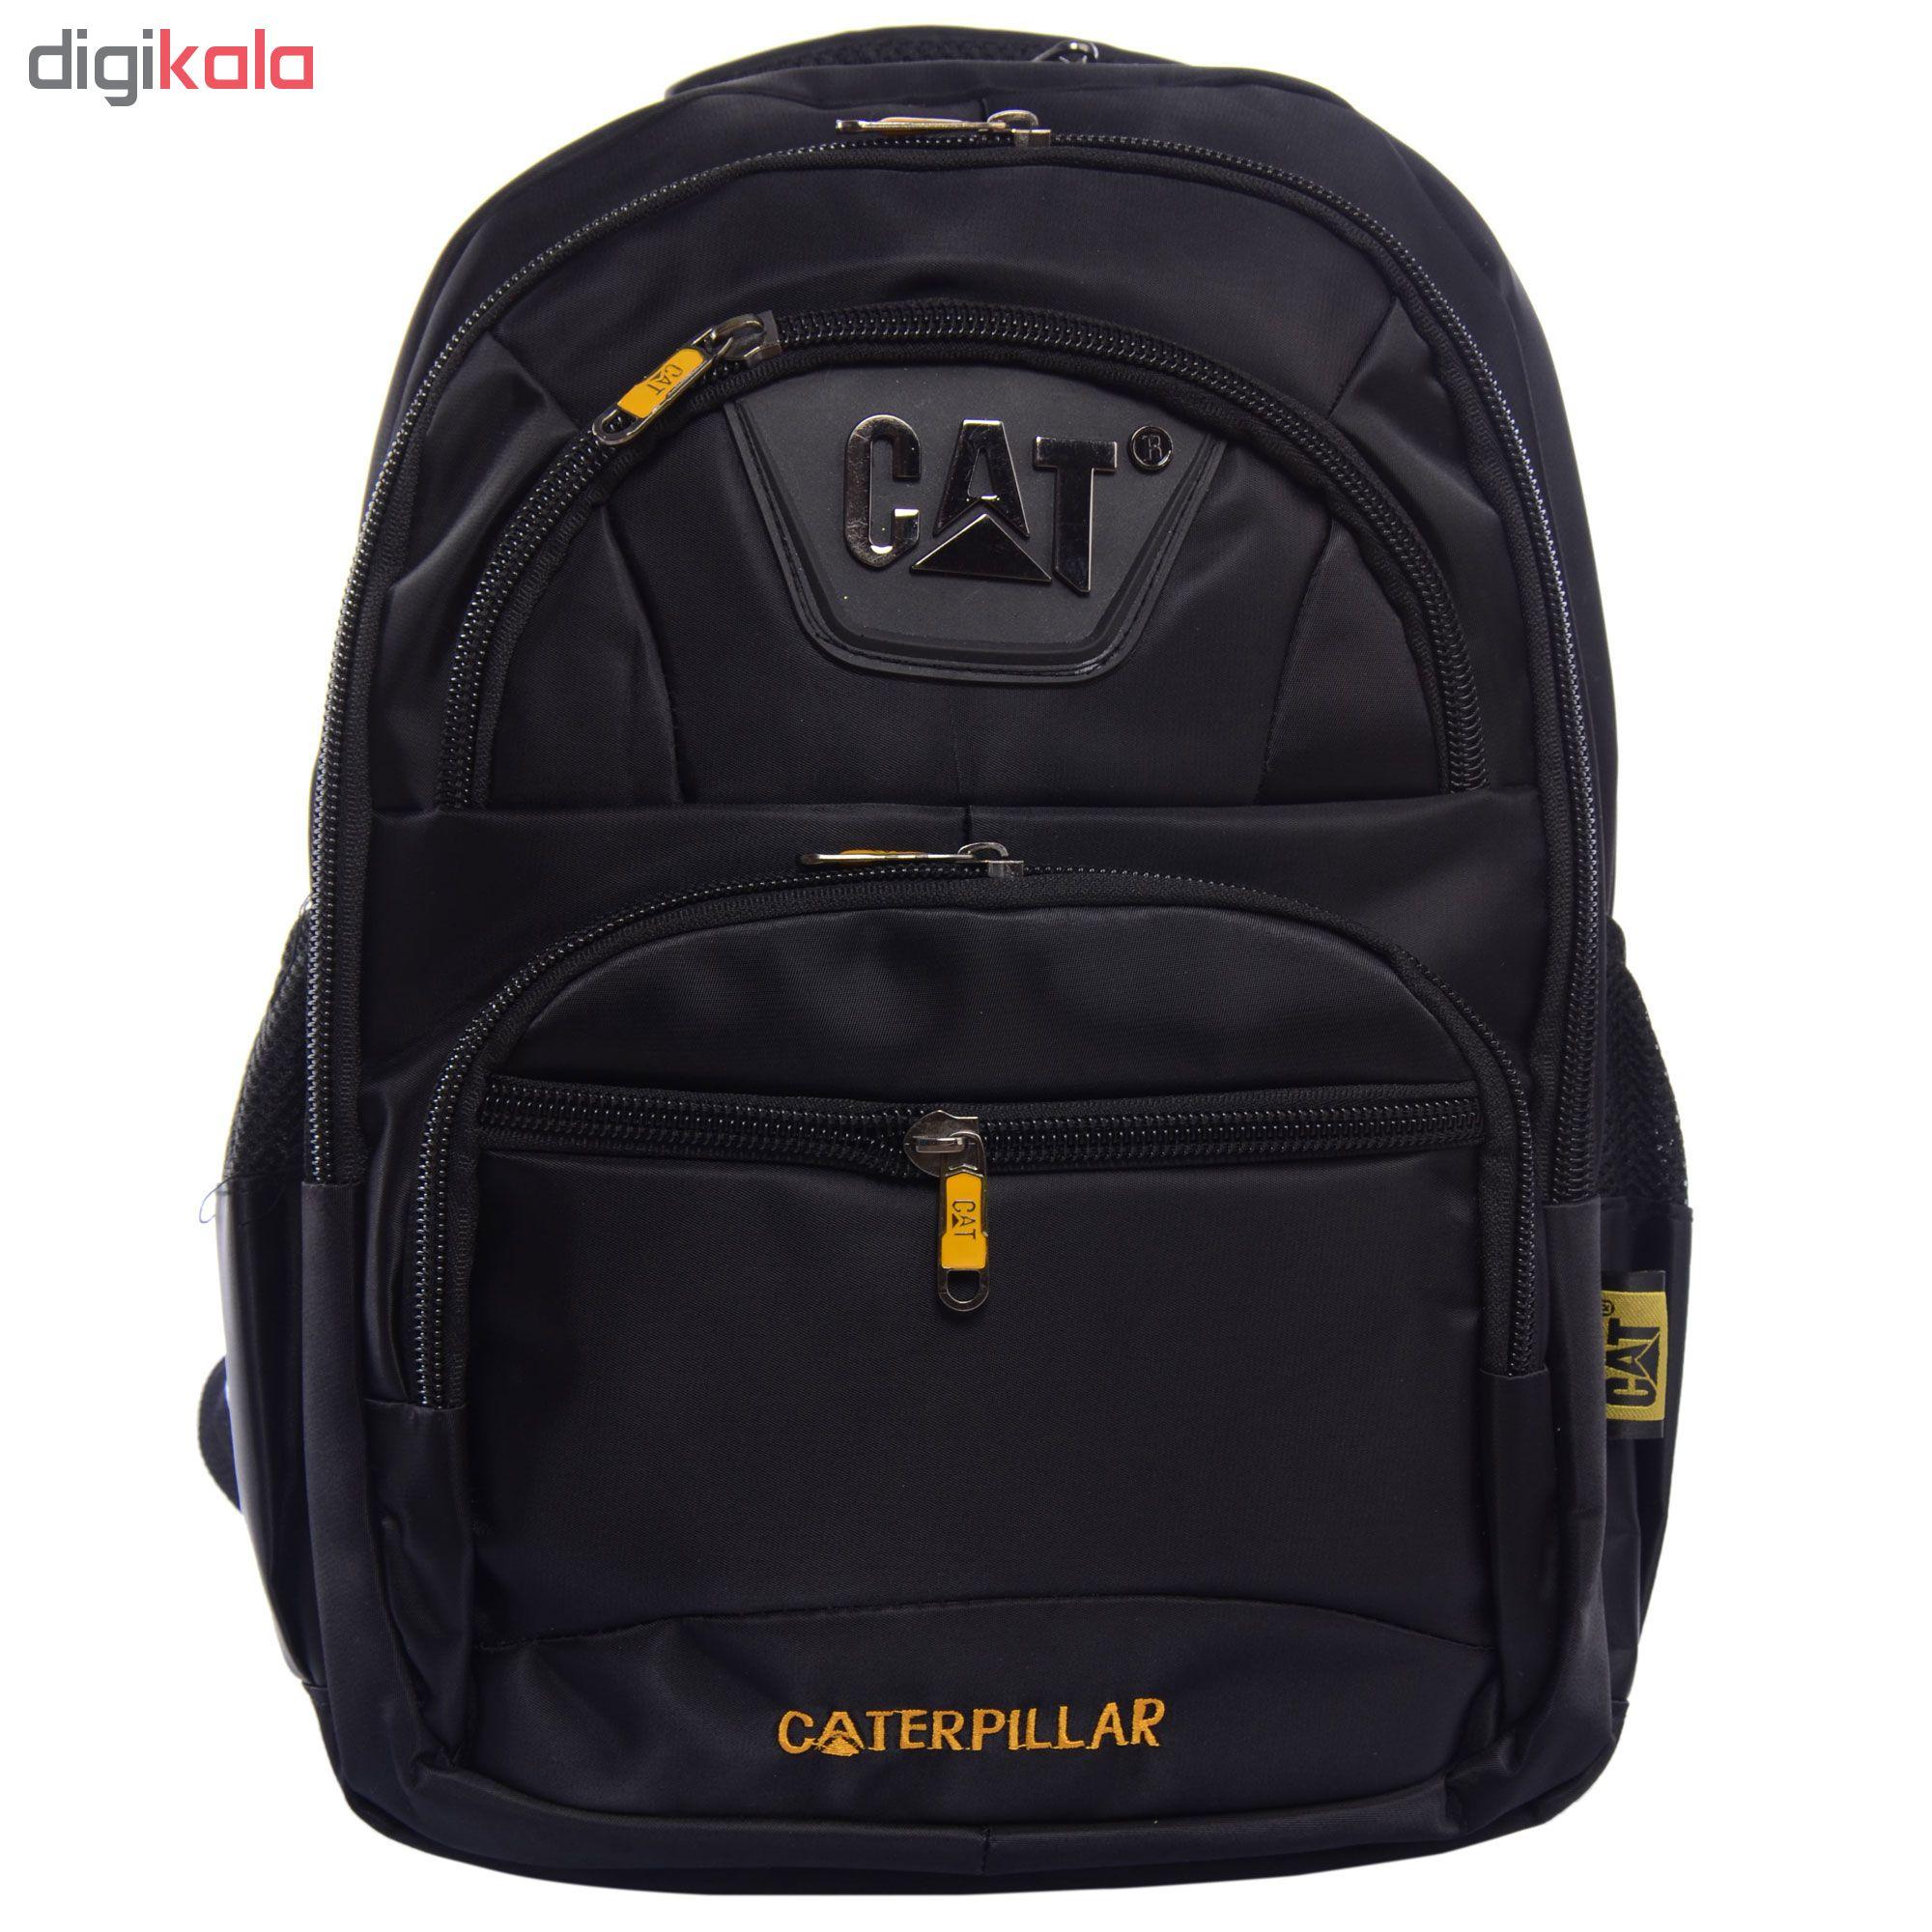 کوله پشتی لپ تاپ کد CP19 مناسب برای لپ تاپ 15.6 اینچی